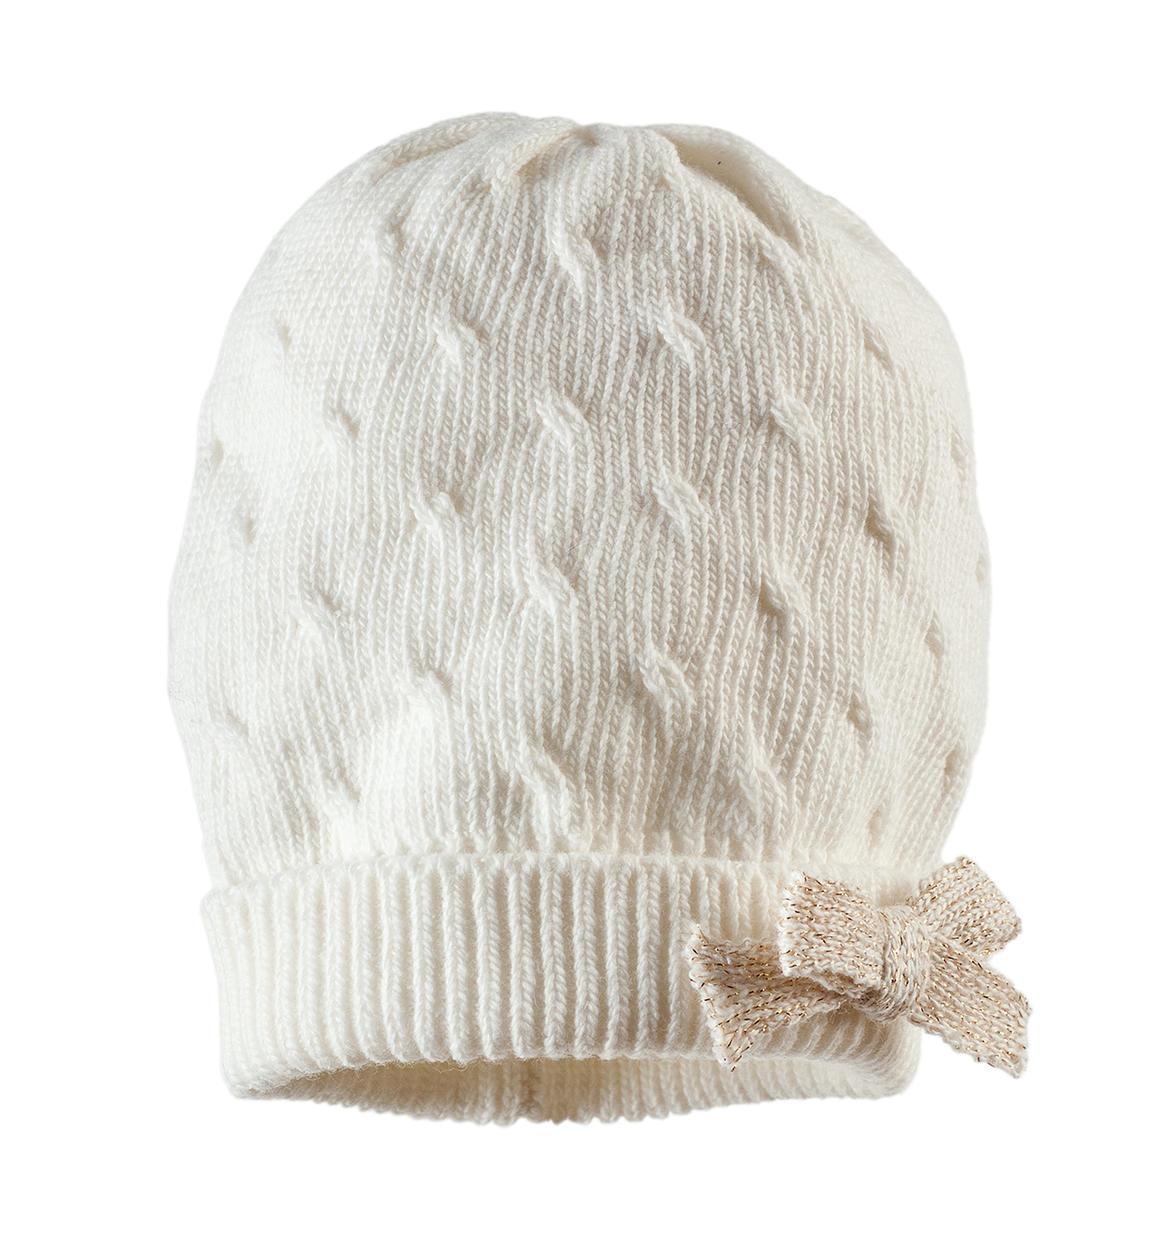 grandi affari sulla moda selezione speciale di miglior fornitore Cappello in tricot misto cotone con fiocco lurex per bambina da 0 a 18 mesi  iDO